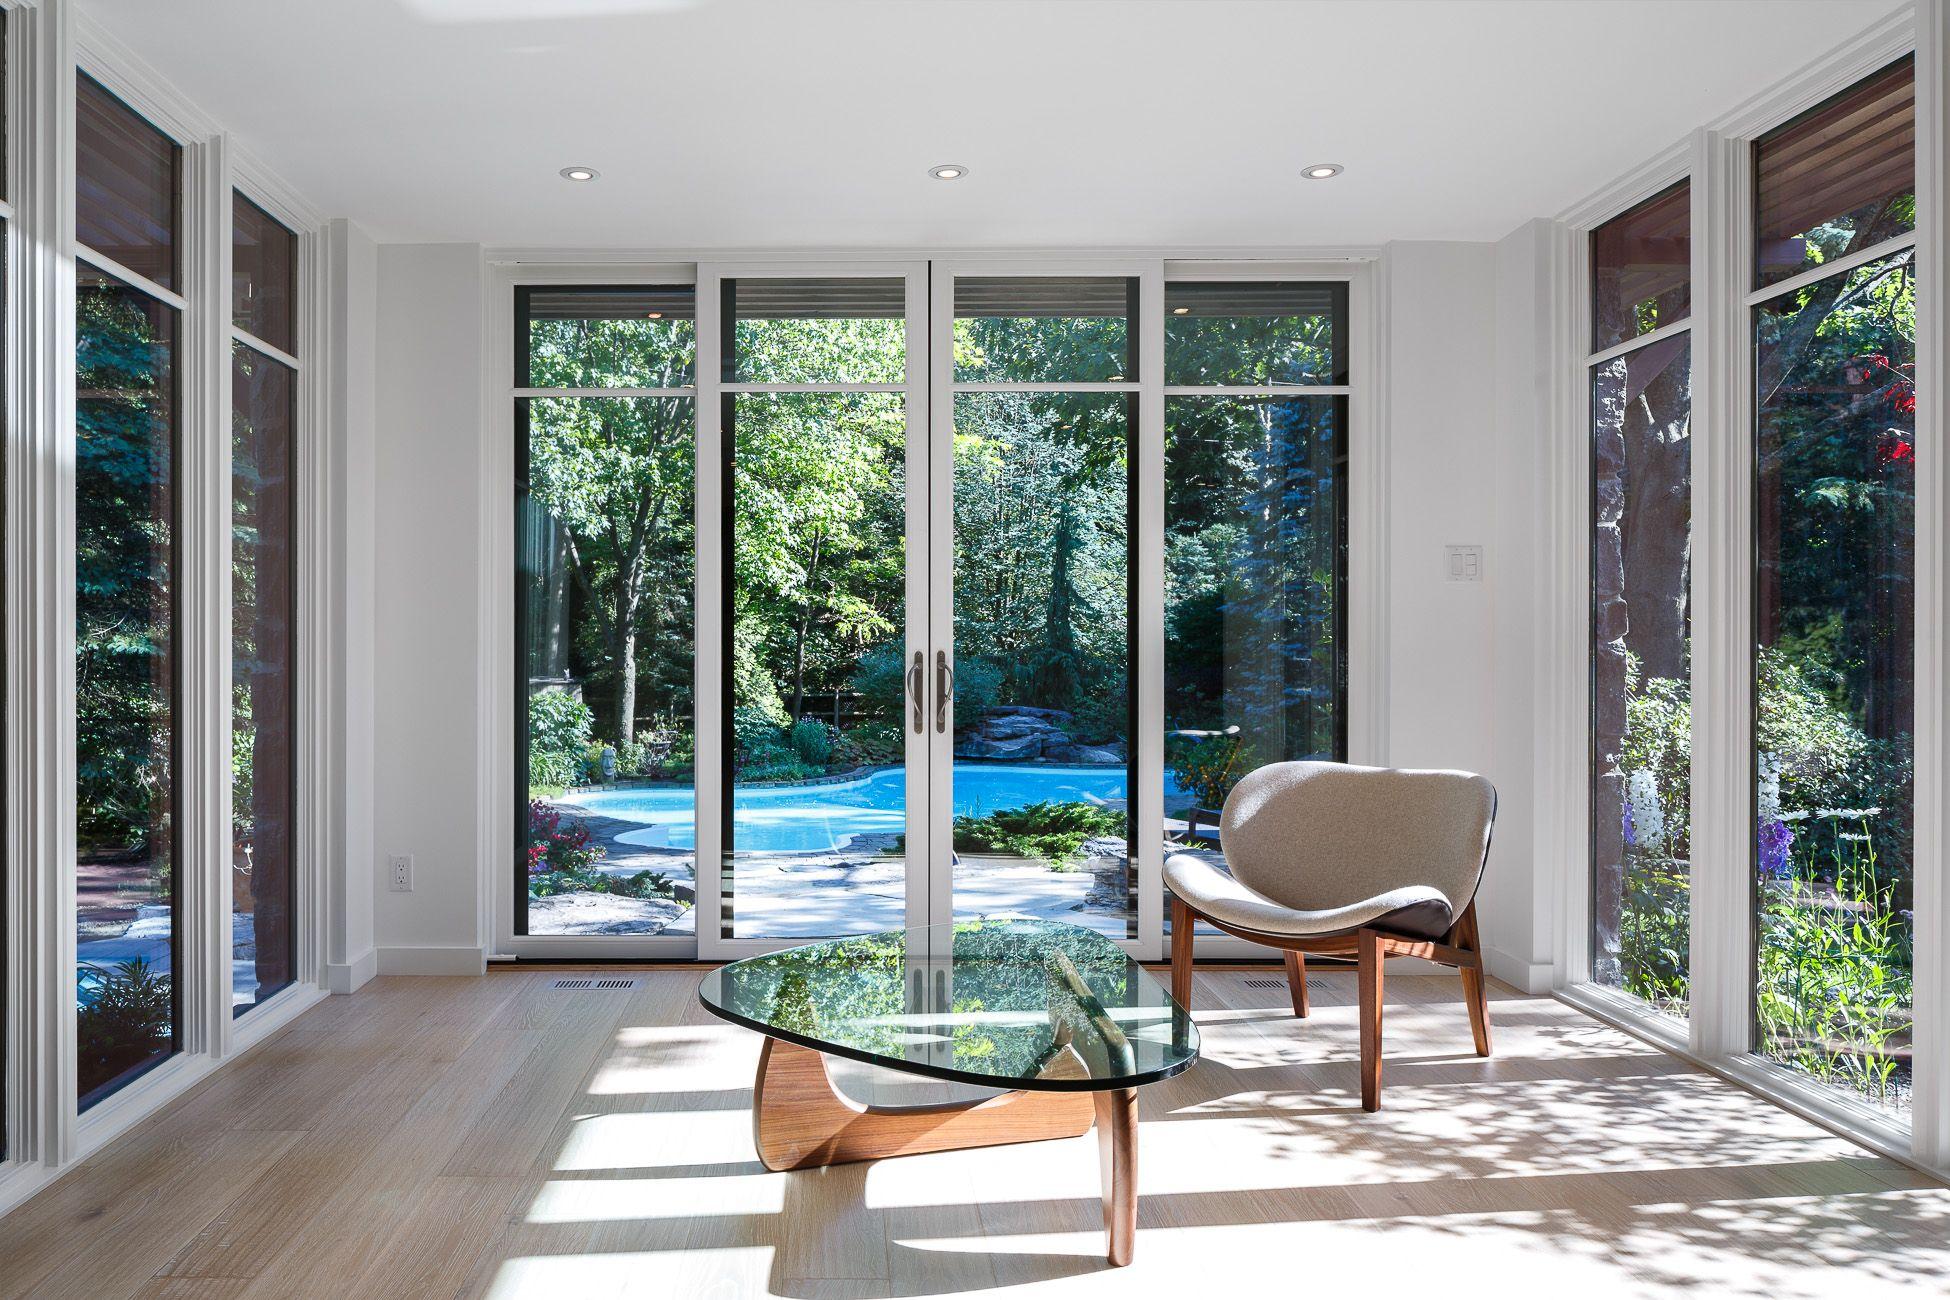 modern architecture christophersimmonds garden ottawa